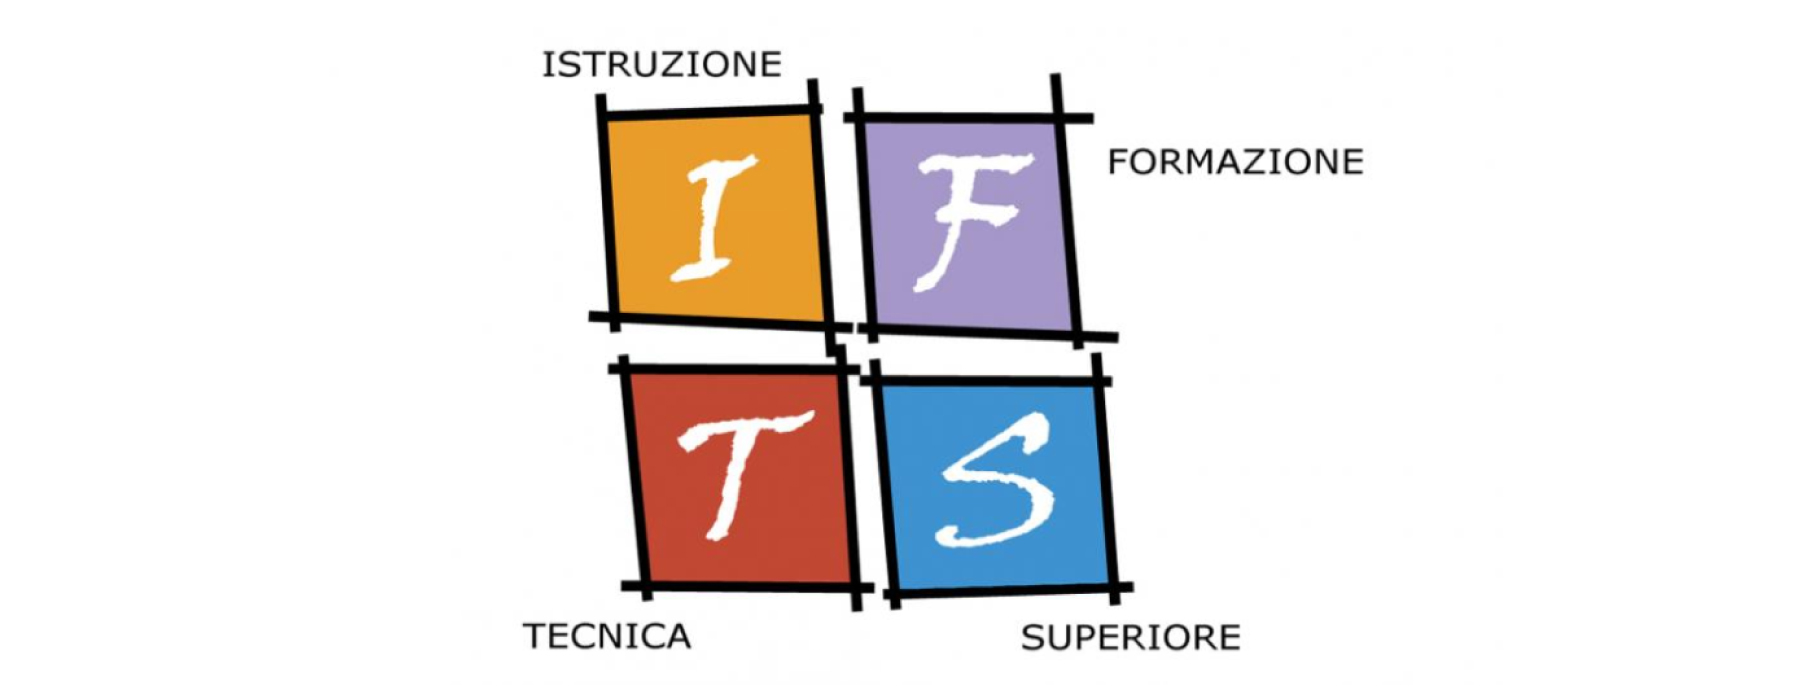 Logo IFTS - Istruzione e Formazione Tecnica Superiore